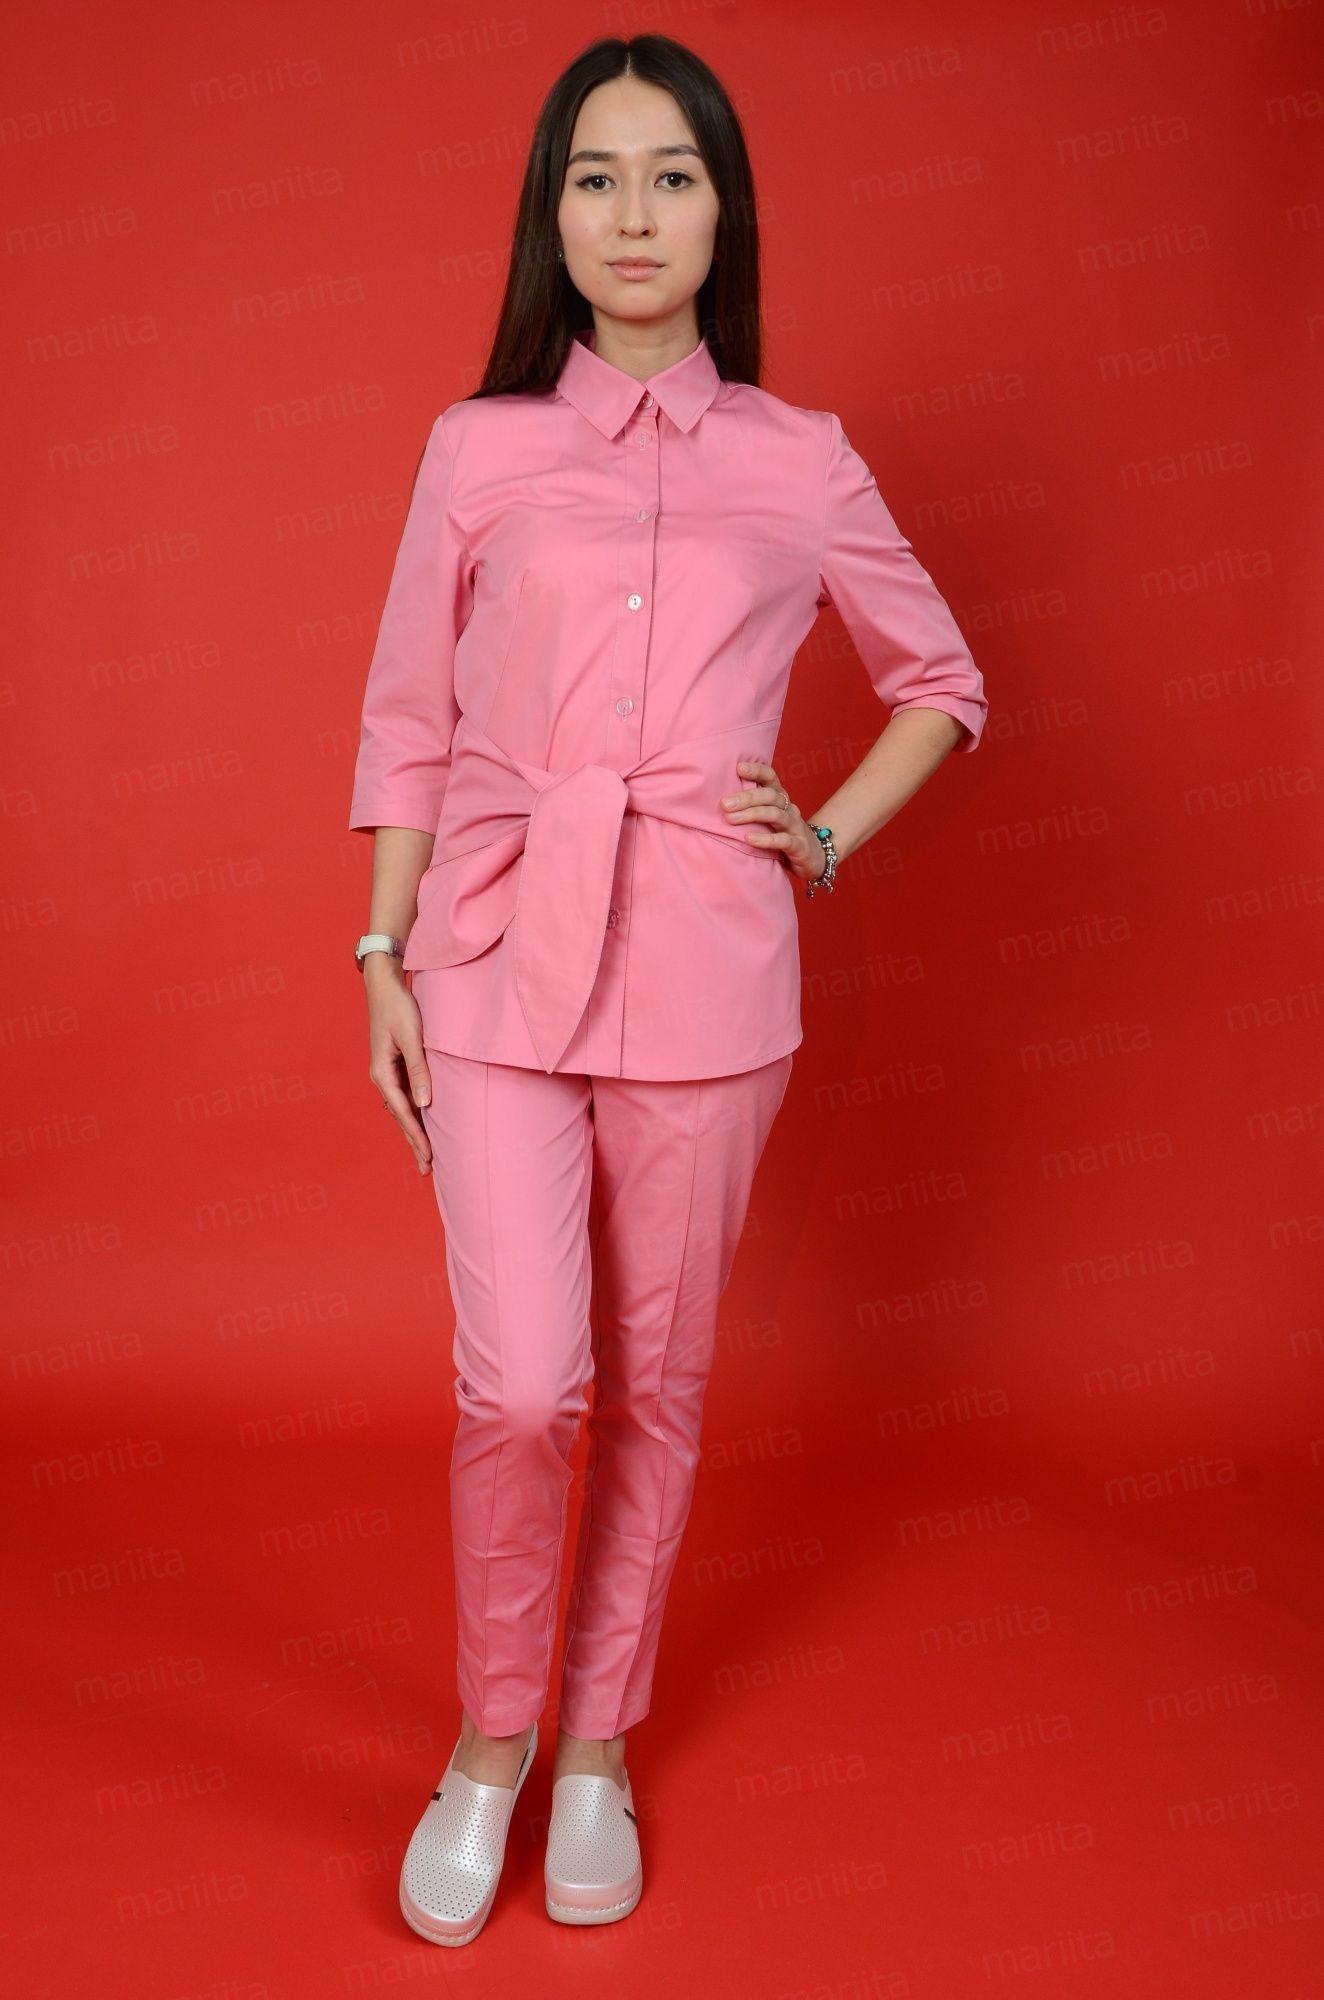 590e5ca21c3 Медицинский костюм состоит из  Блузы-рубашки с вшитым поясом по линии  талии